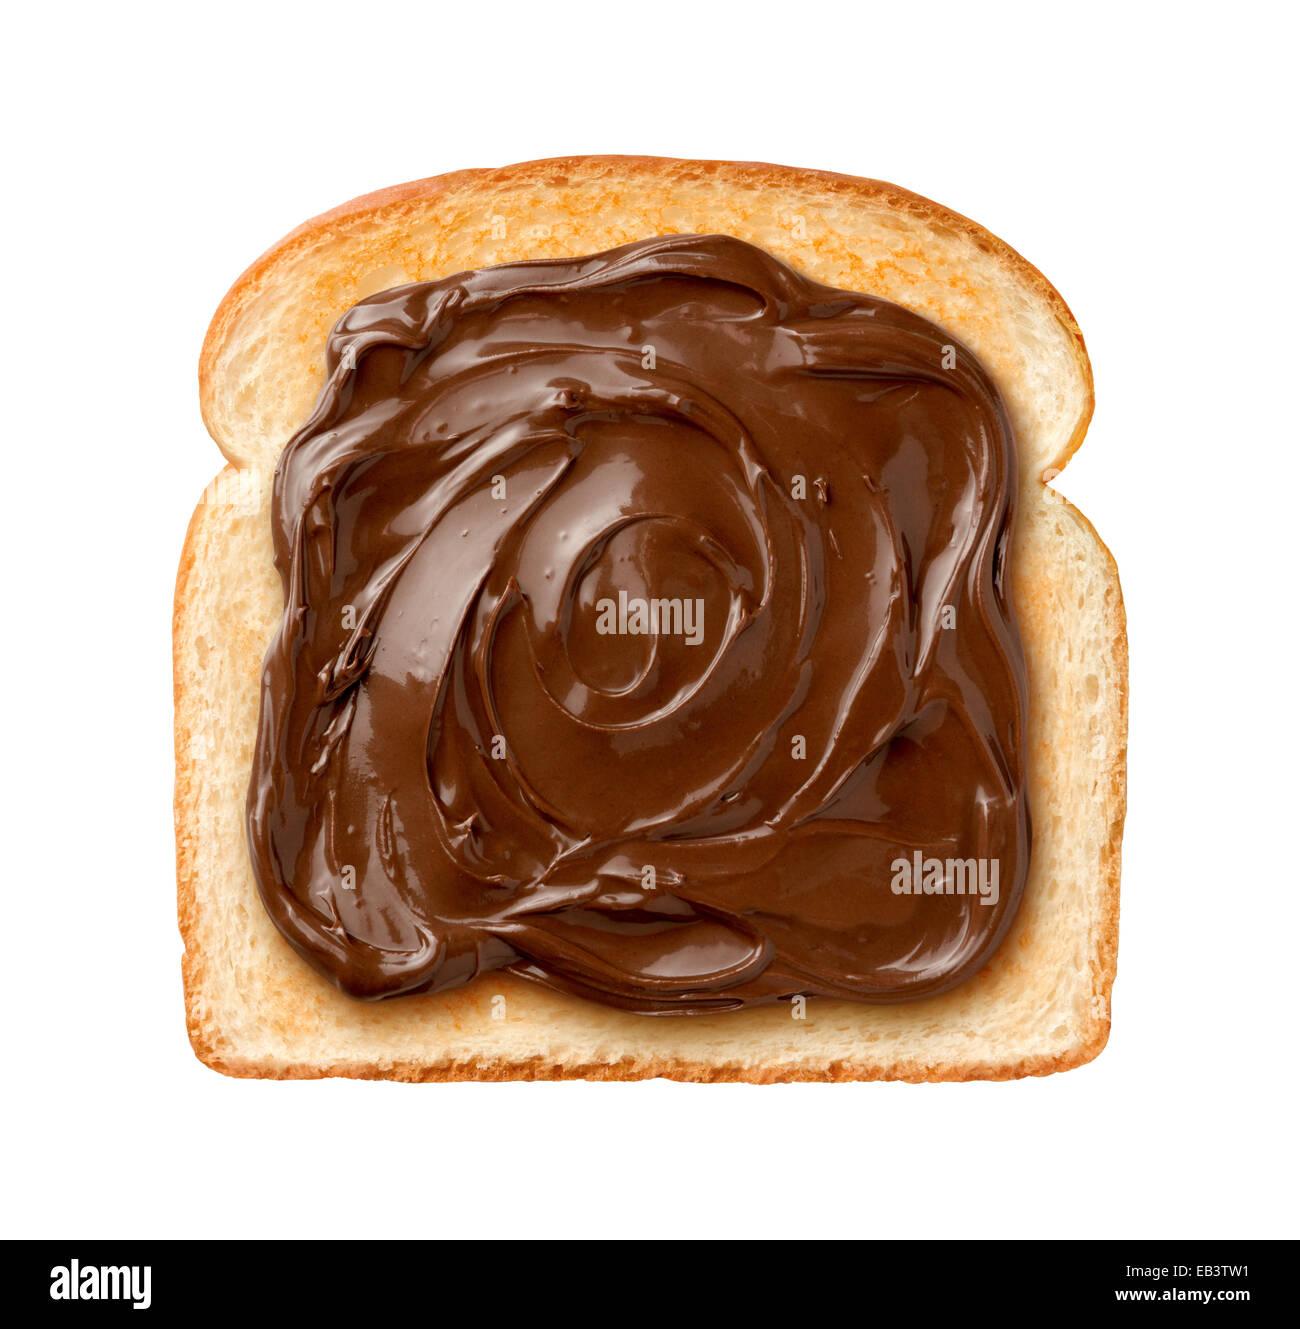 Vue aérienne de chocolat à tartiner sur une seule tranche de pain grillé. Isolé sur fond blanc Photo Stock